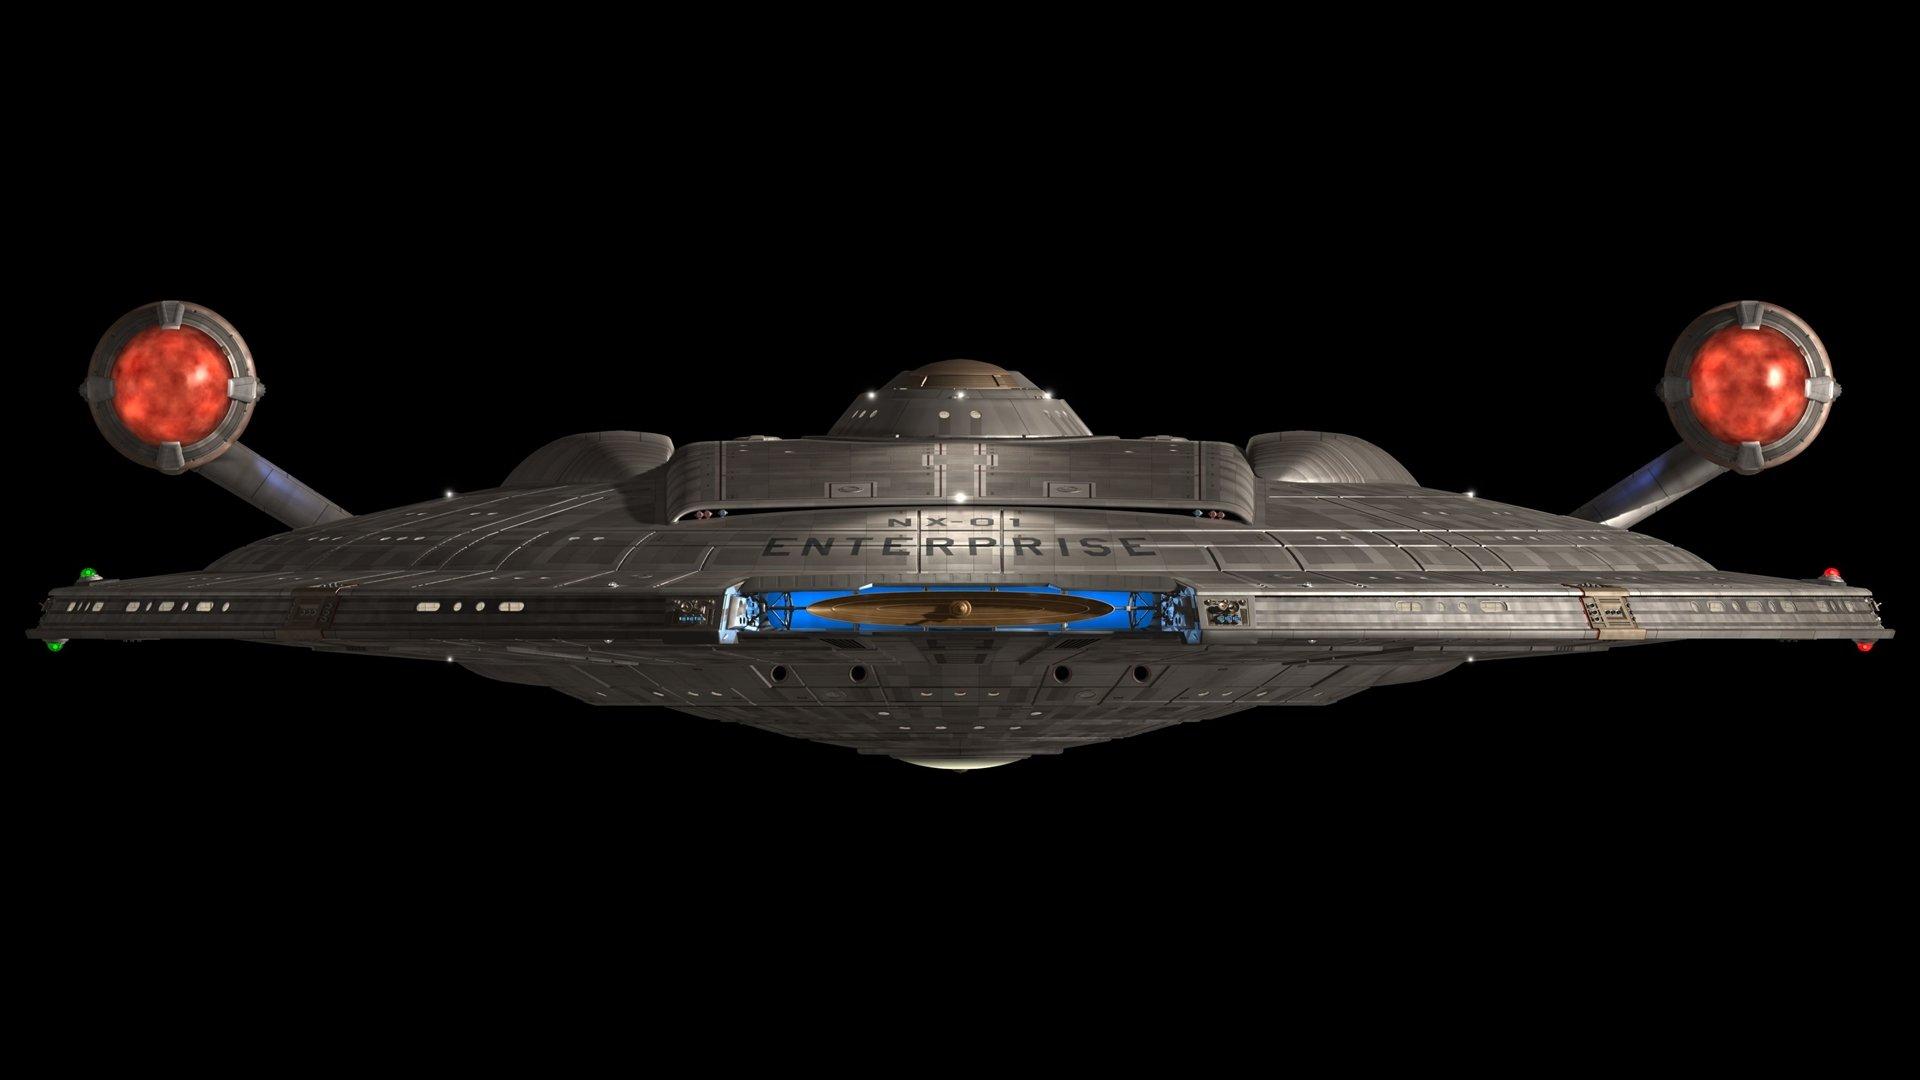 Best Star Trek Enterprise Wallpaper Id 31244 For High Resolution